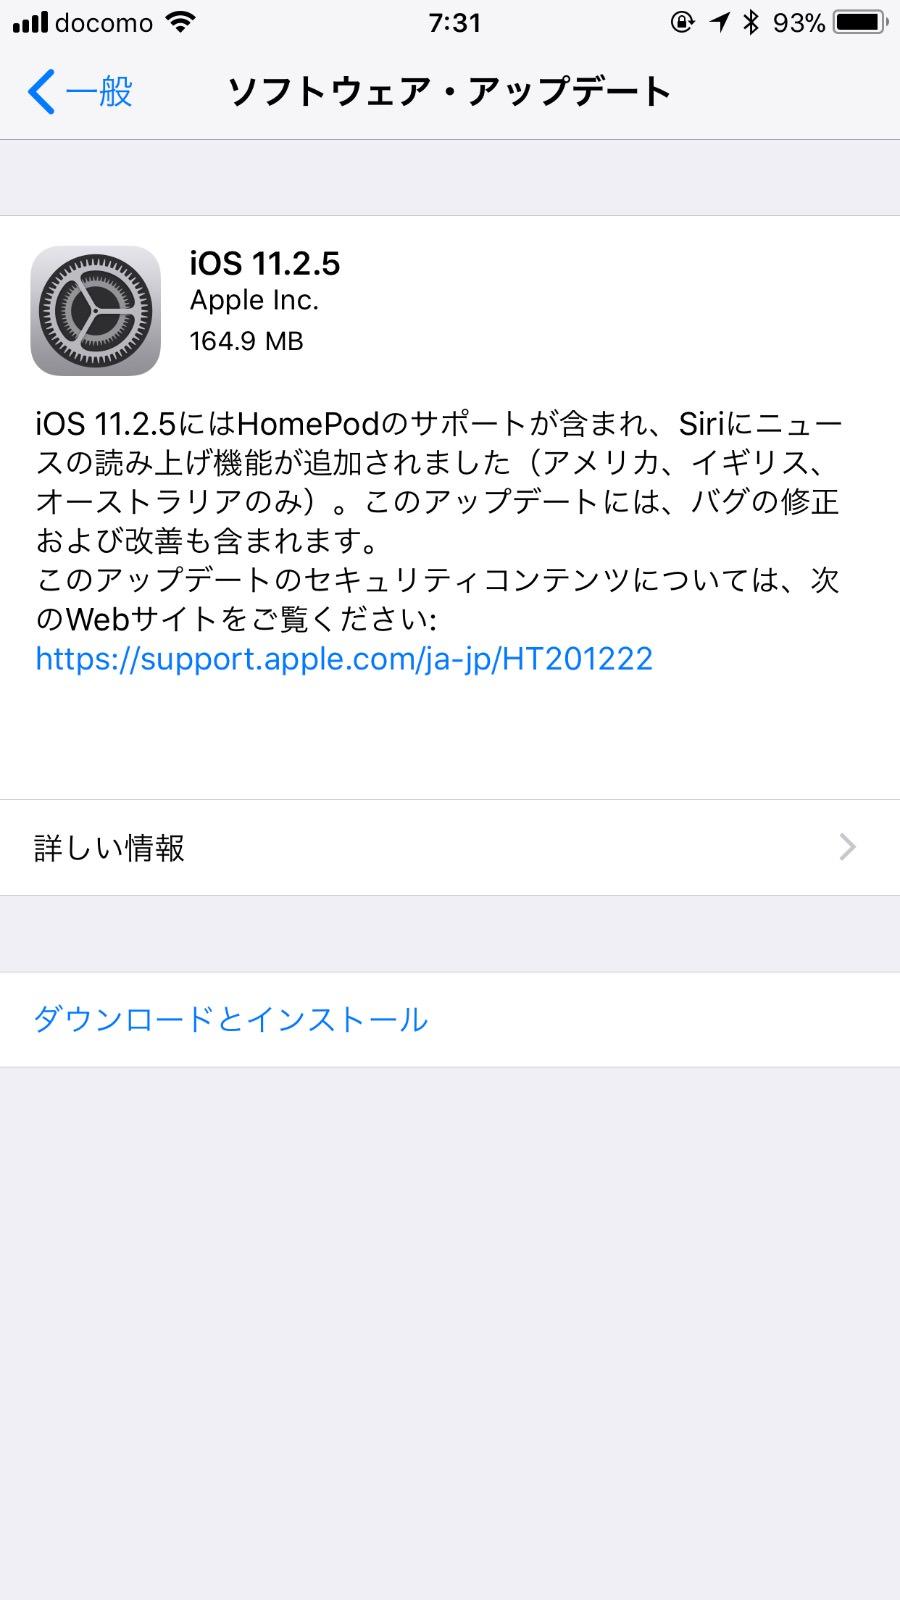 【iOS 11】「iOS 11.2.5 ソフトウェアアップデート」リリース 〜HomePodのサポートを追加